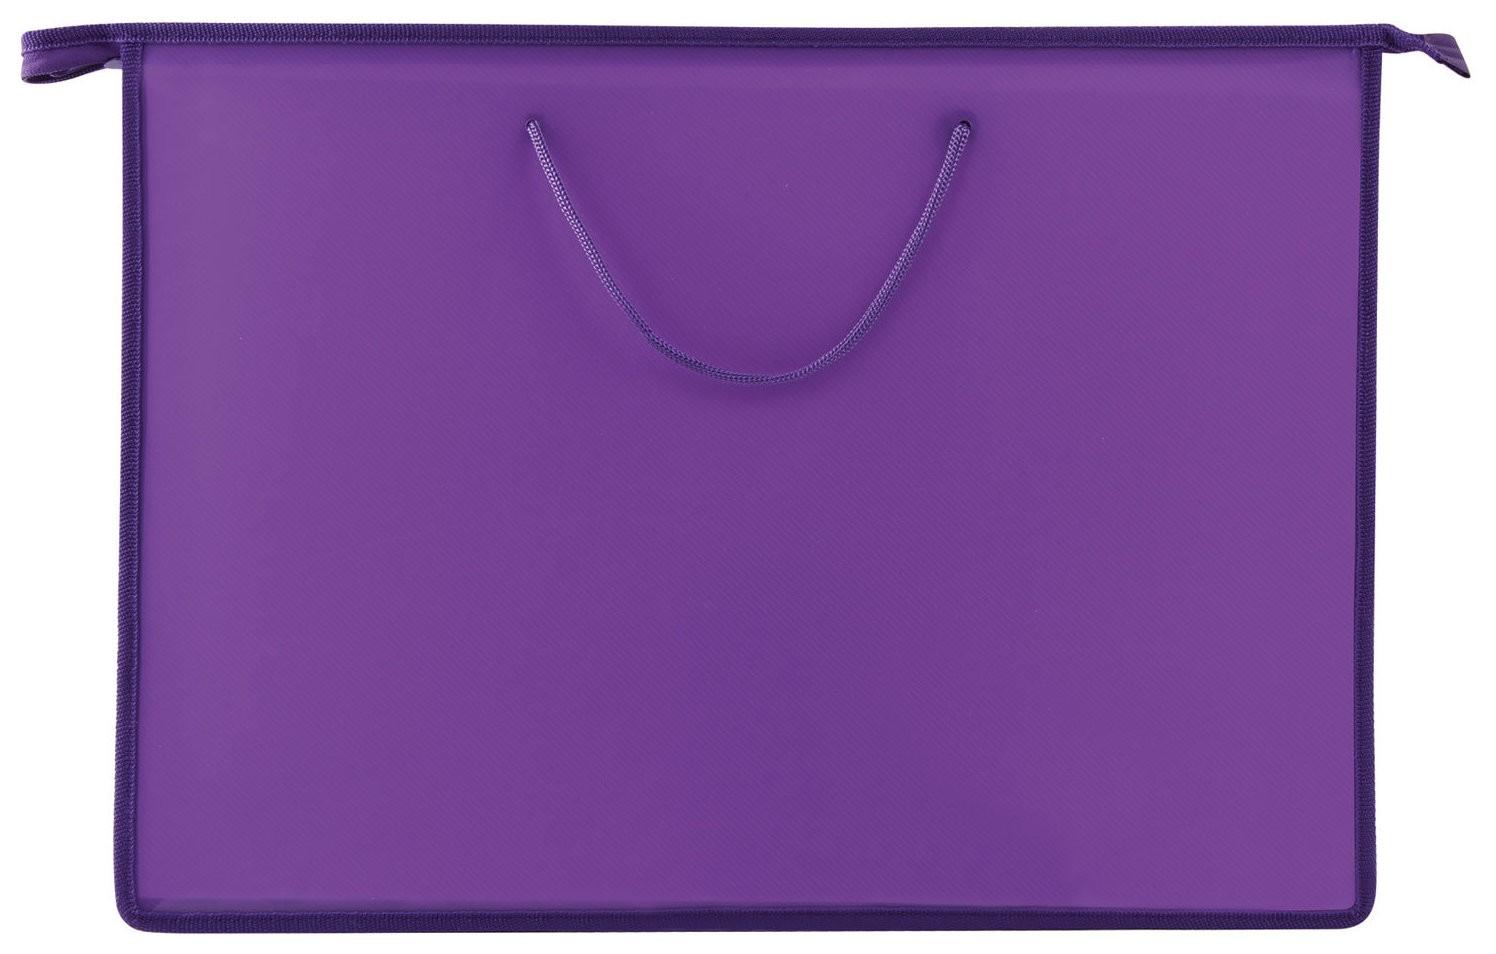 Папка для рисунков и чертежей А3, ручки-шнурок, пластик, молния сверху, Пифагор, фиолетовая  Пифагор